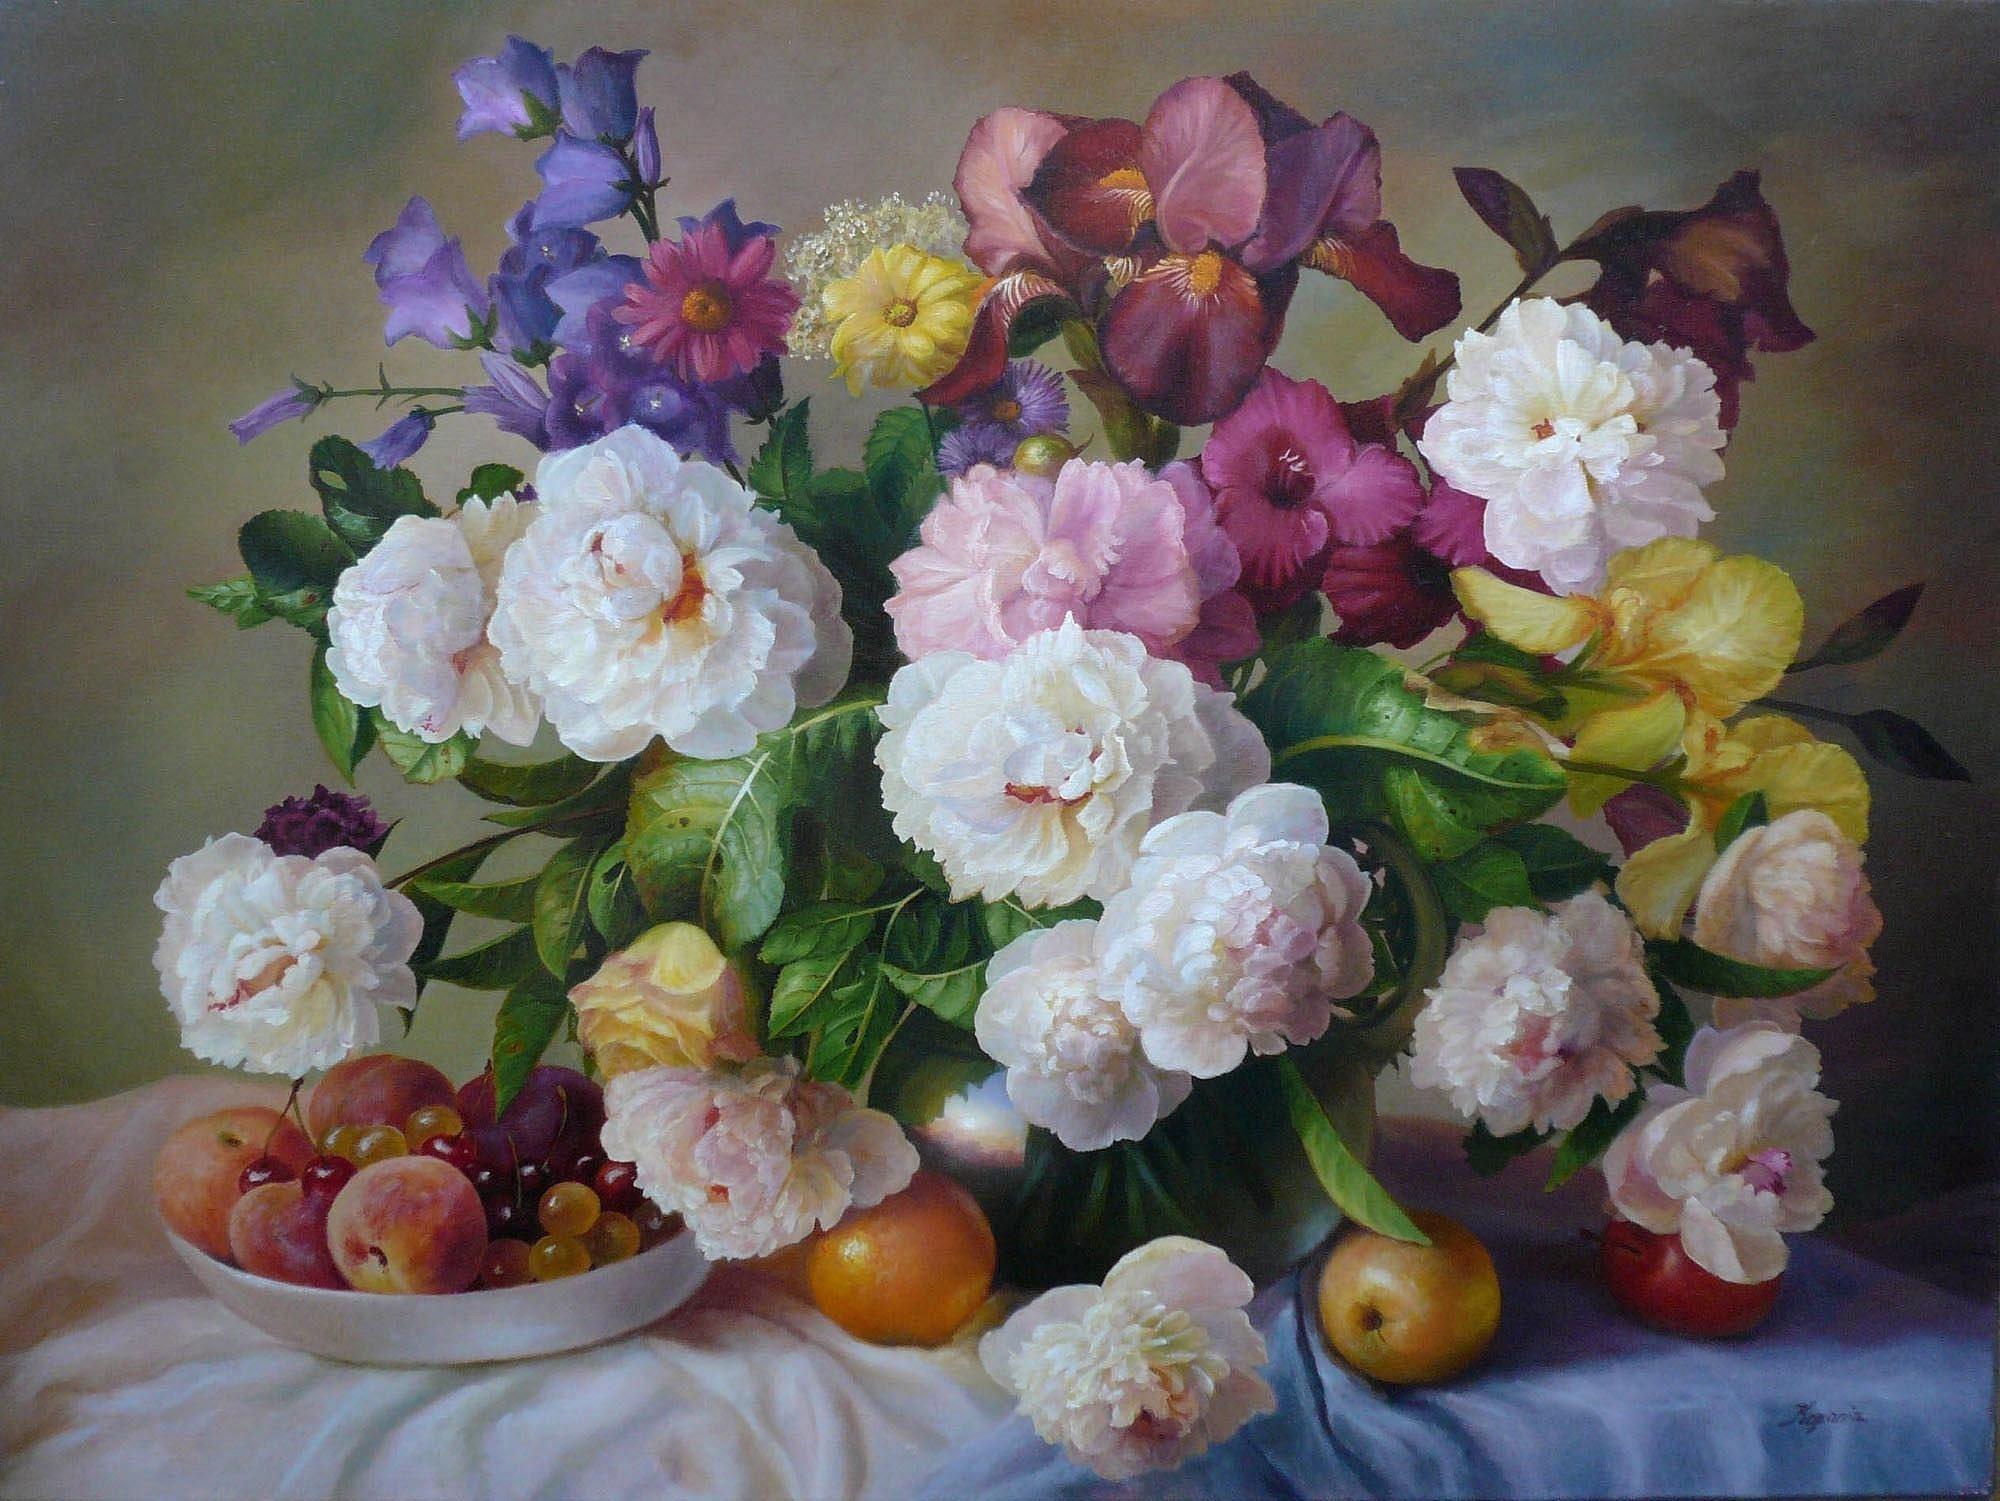 Художественные картинки цветов, папе день рождения